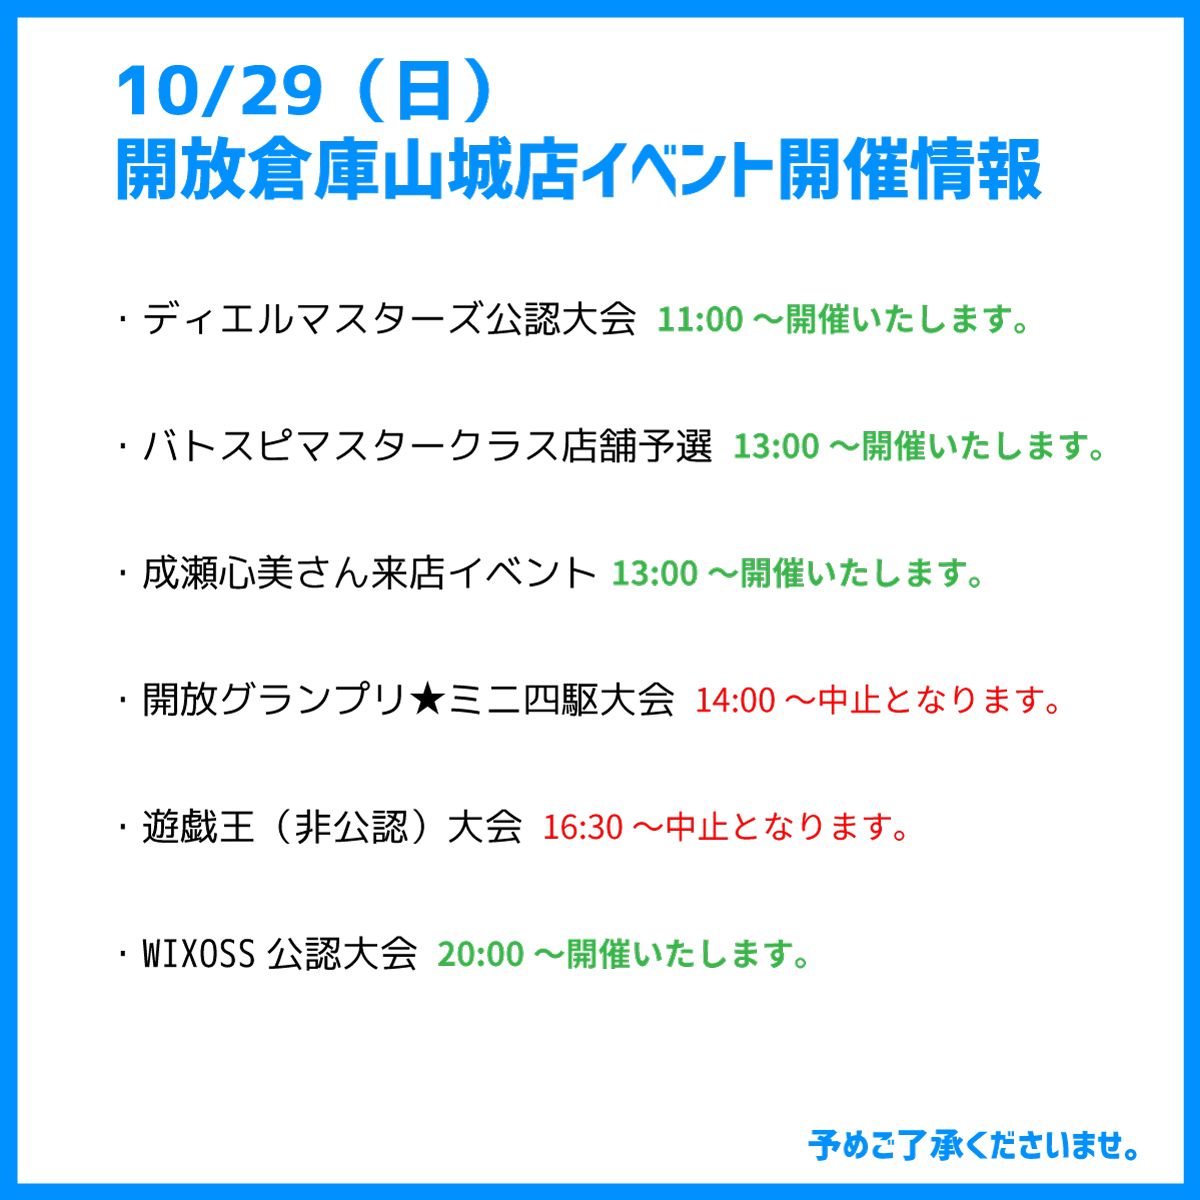 「開放倉庫山城店」10/29(日)のイベントタイムスケジュールを更新しました!